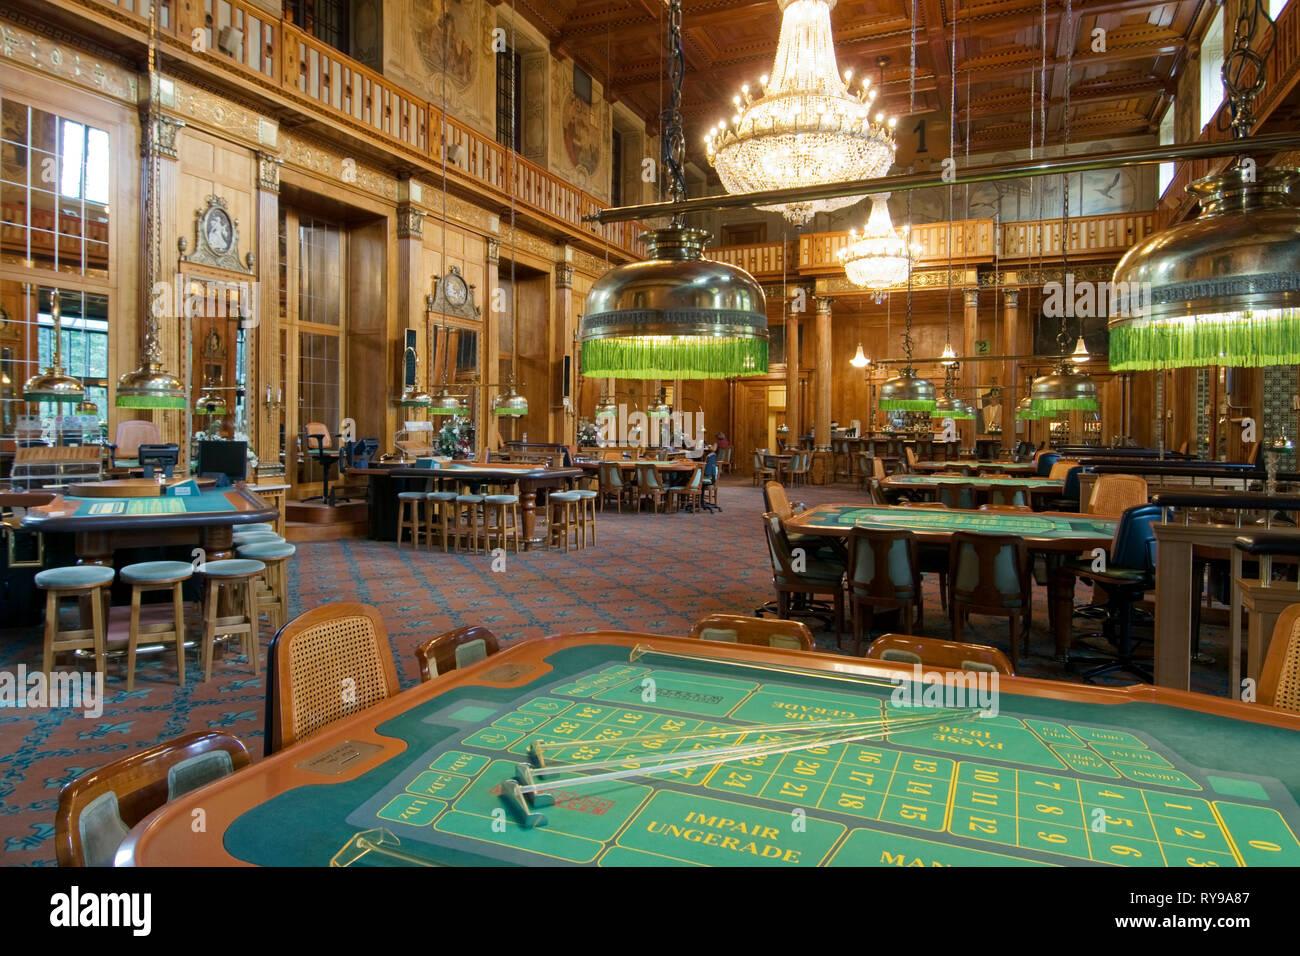 BRD, Hessen, Wiesbaden, in der Spielbank spielte auch einst Dostojewski - Stock Image